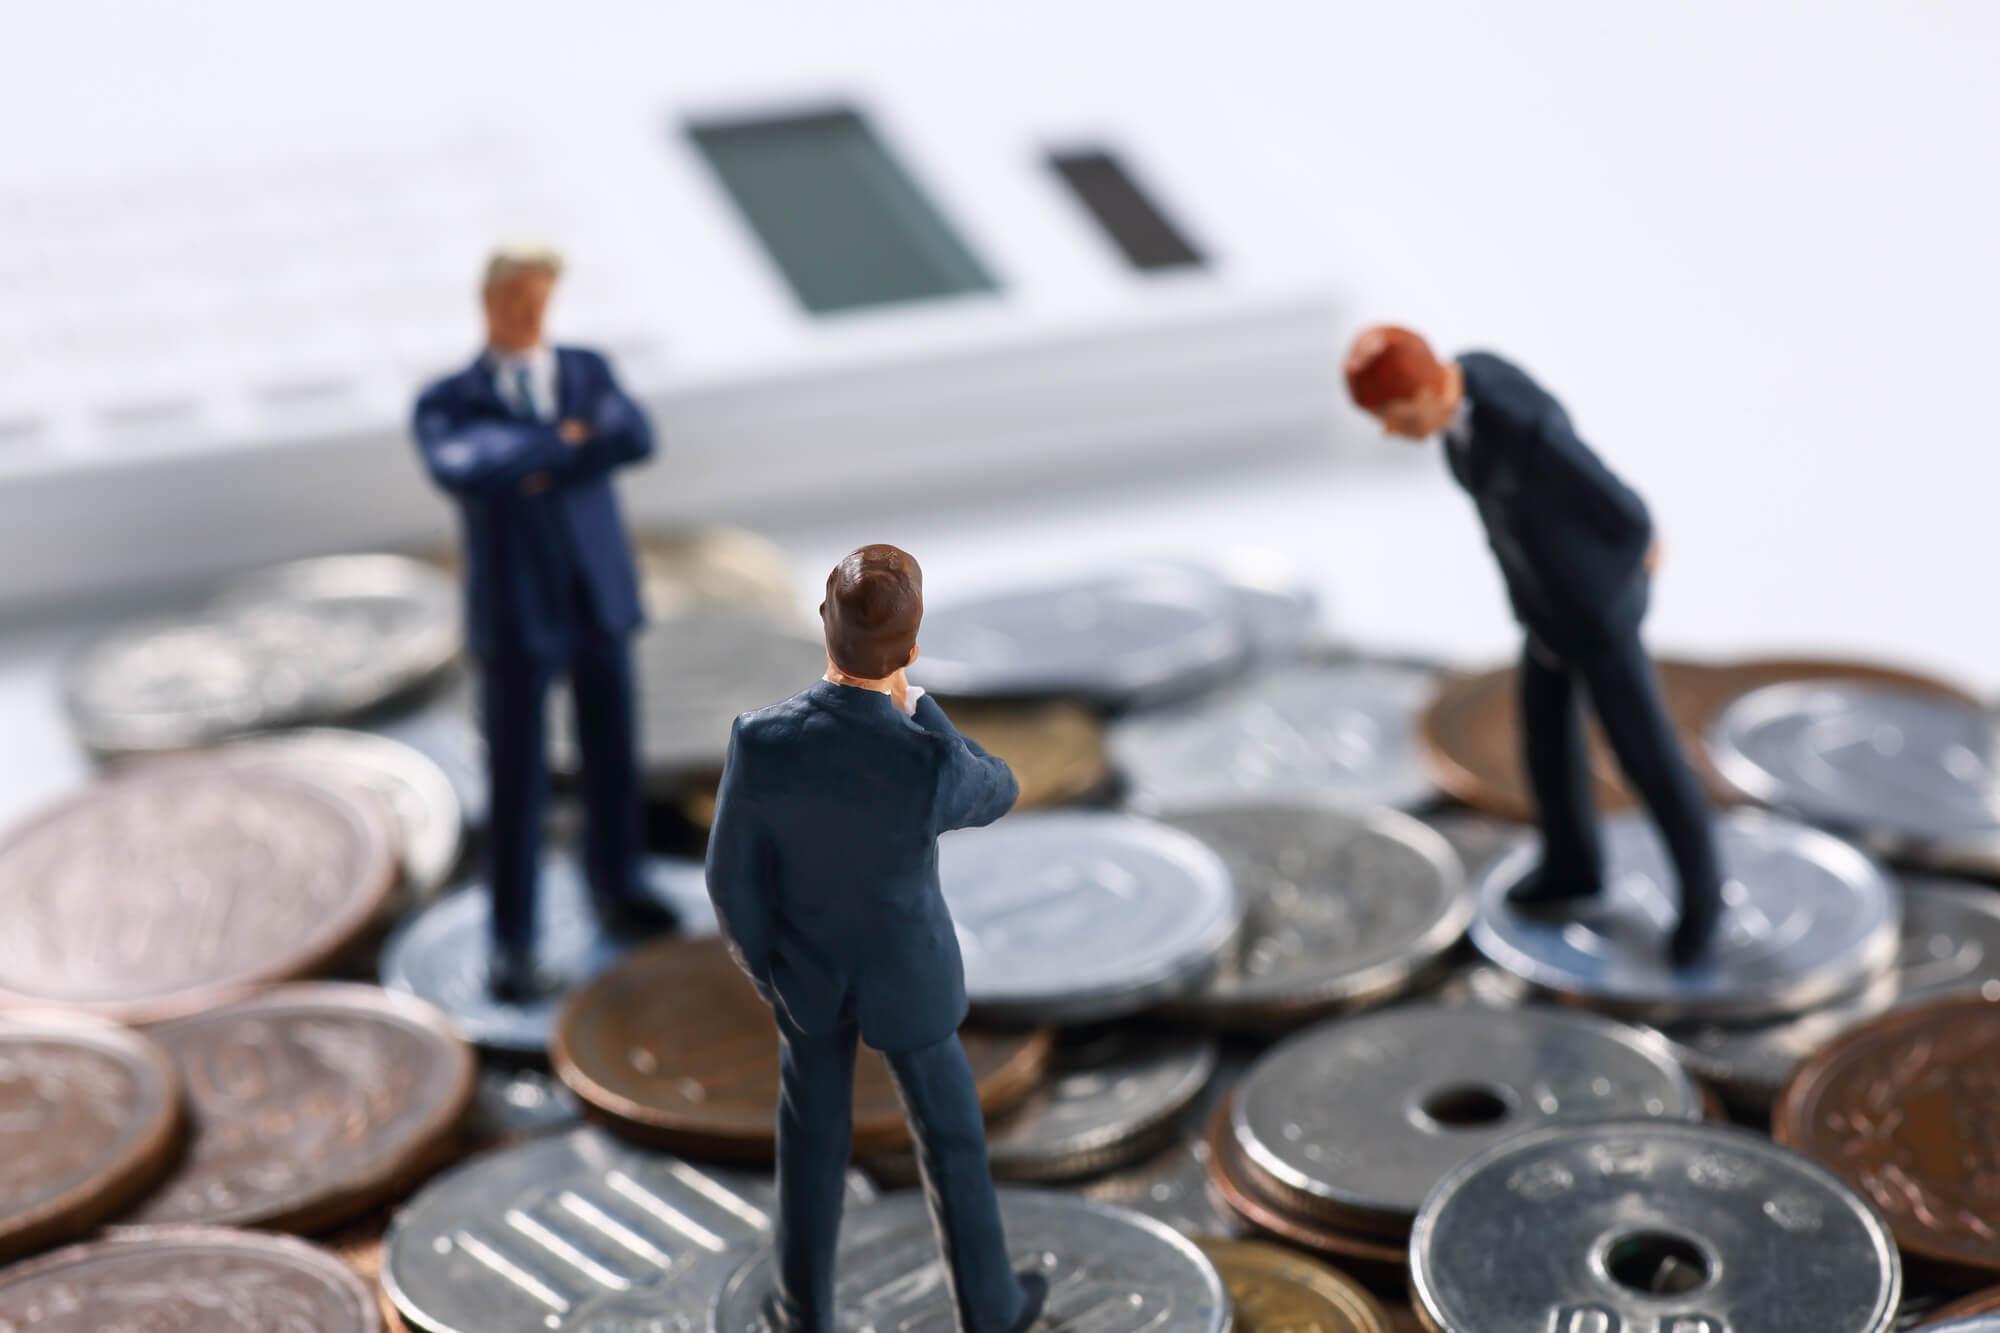 不動産売却時の税金は予想以上に高額!? 意外と知らない実態に迫る